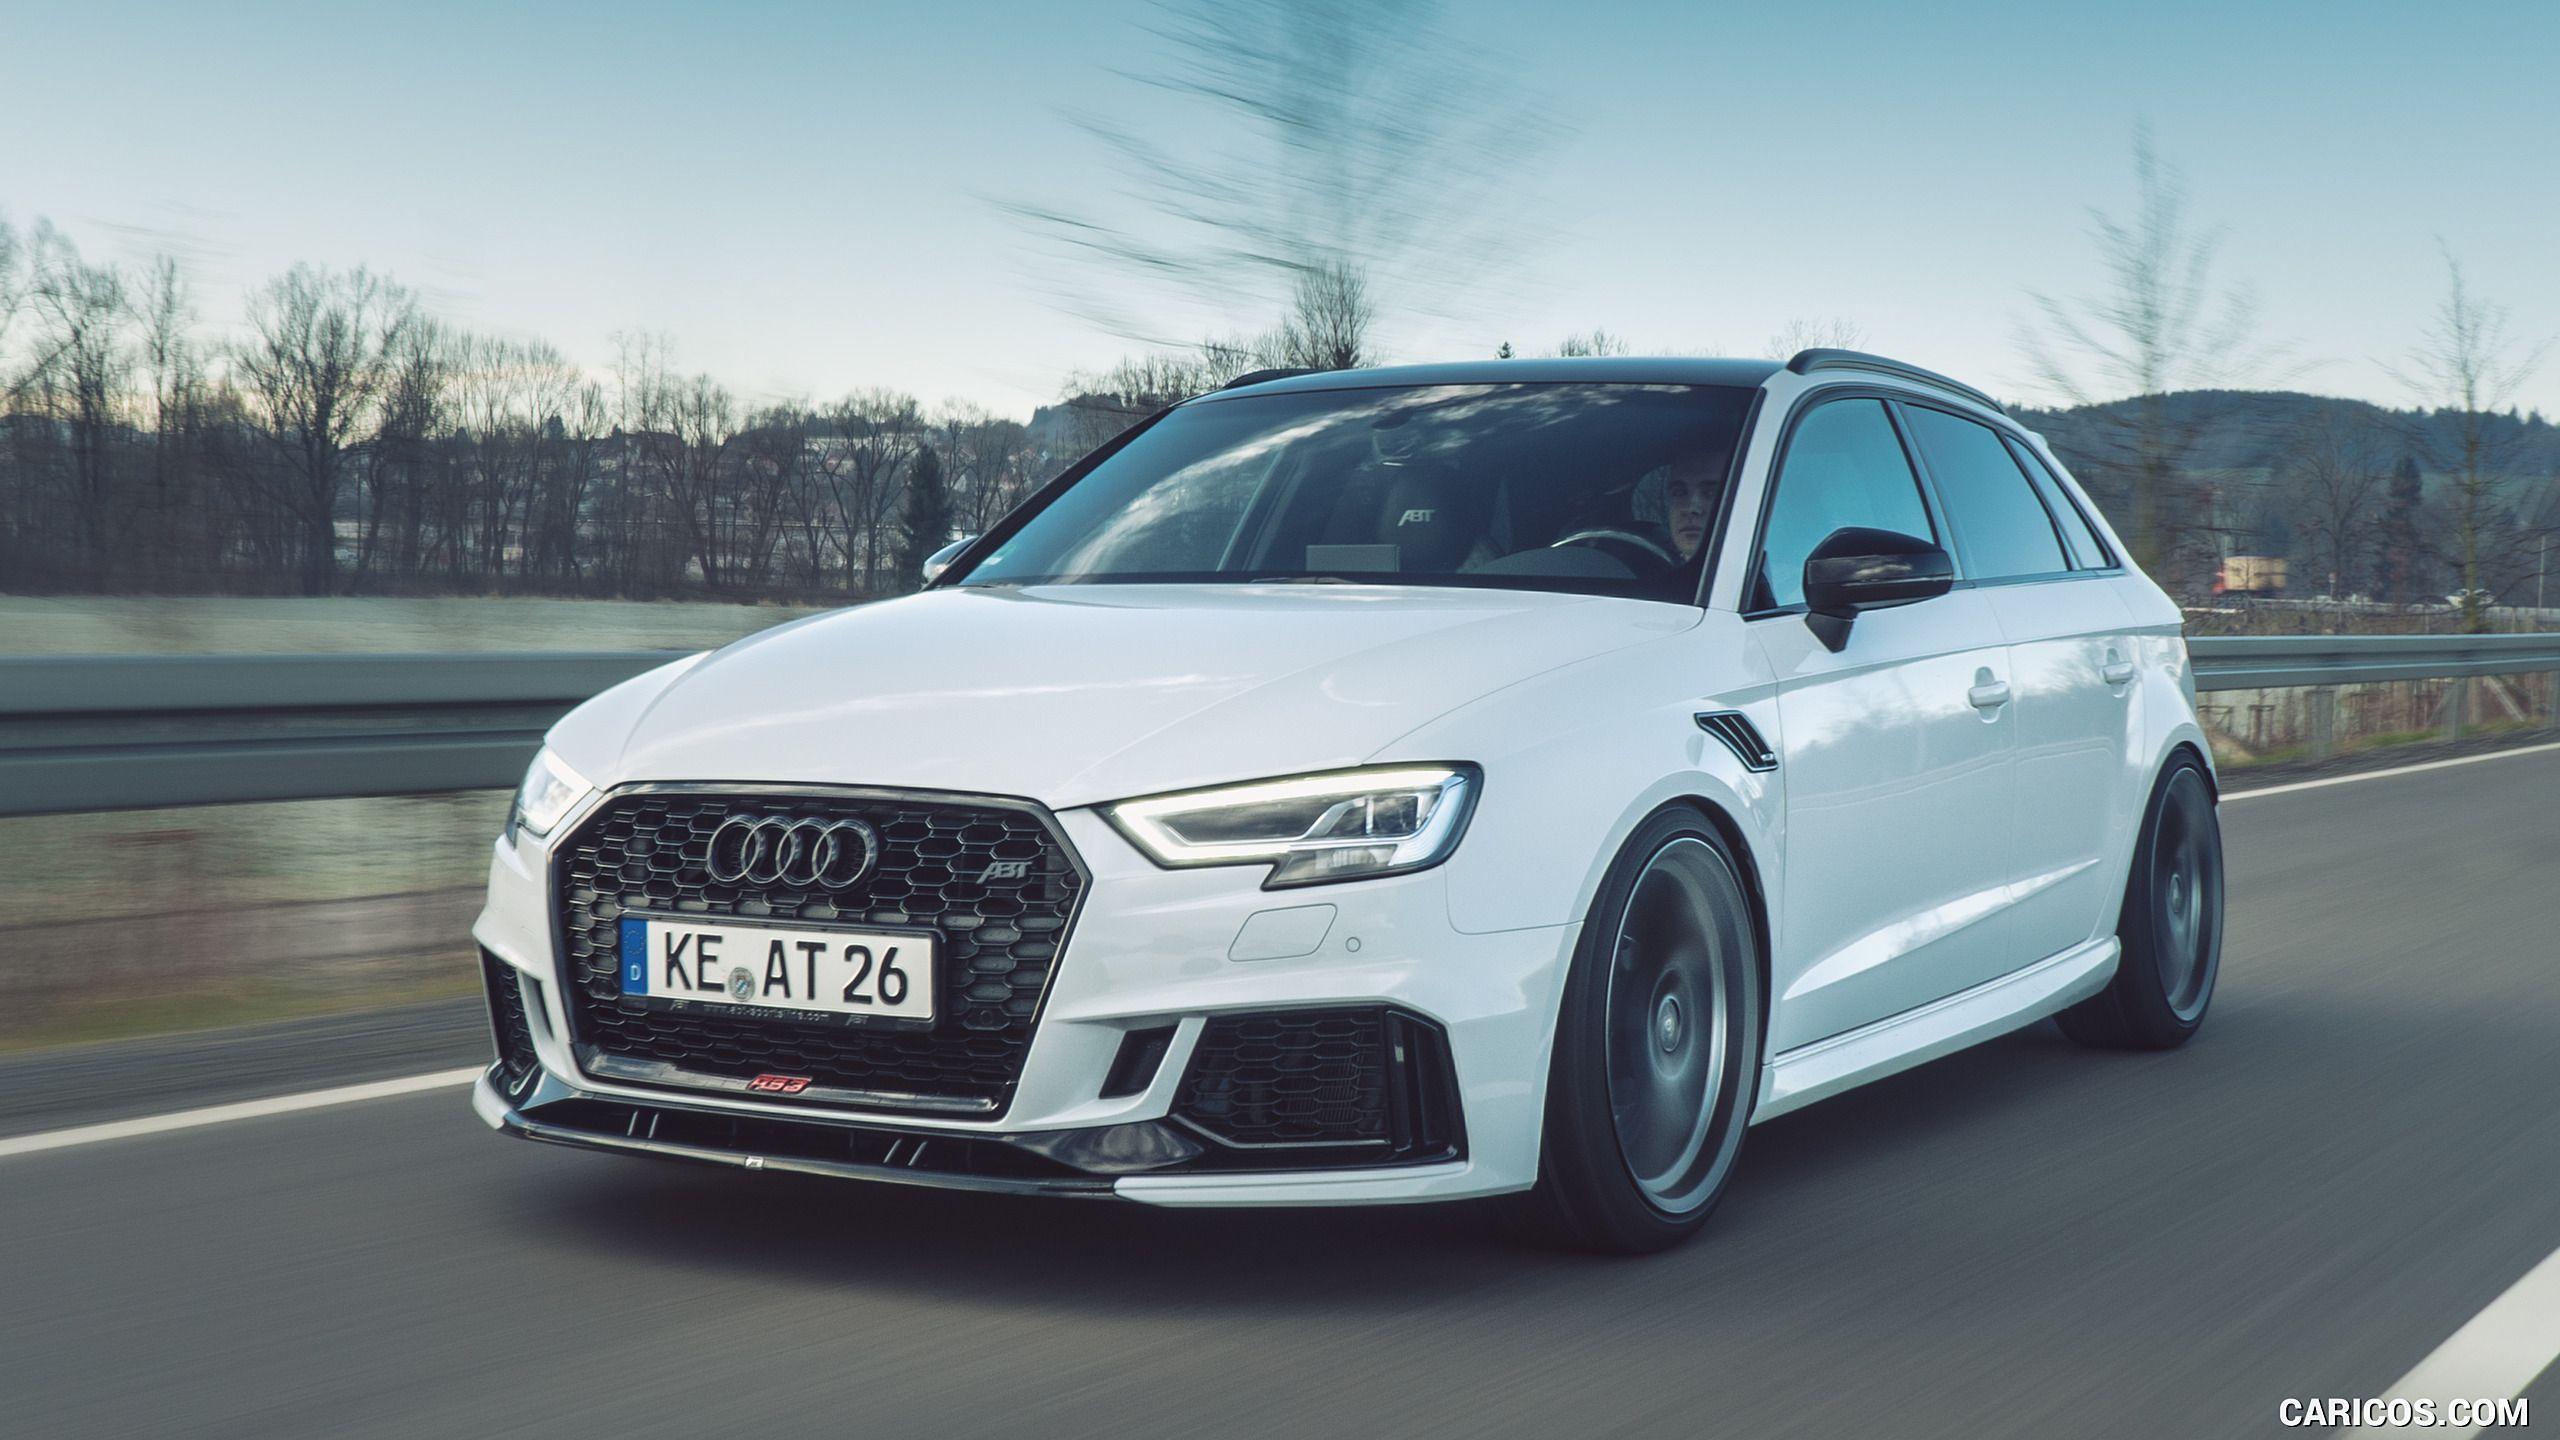 Audi Rs3 Wallpaper 4k Iphone